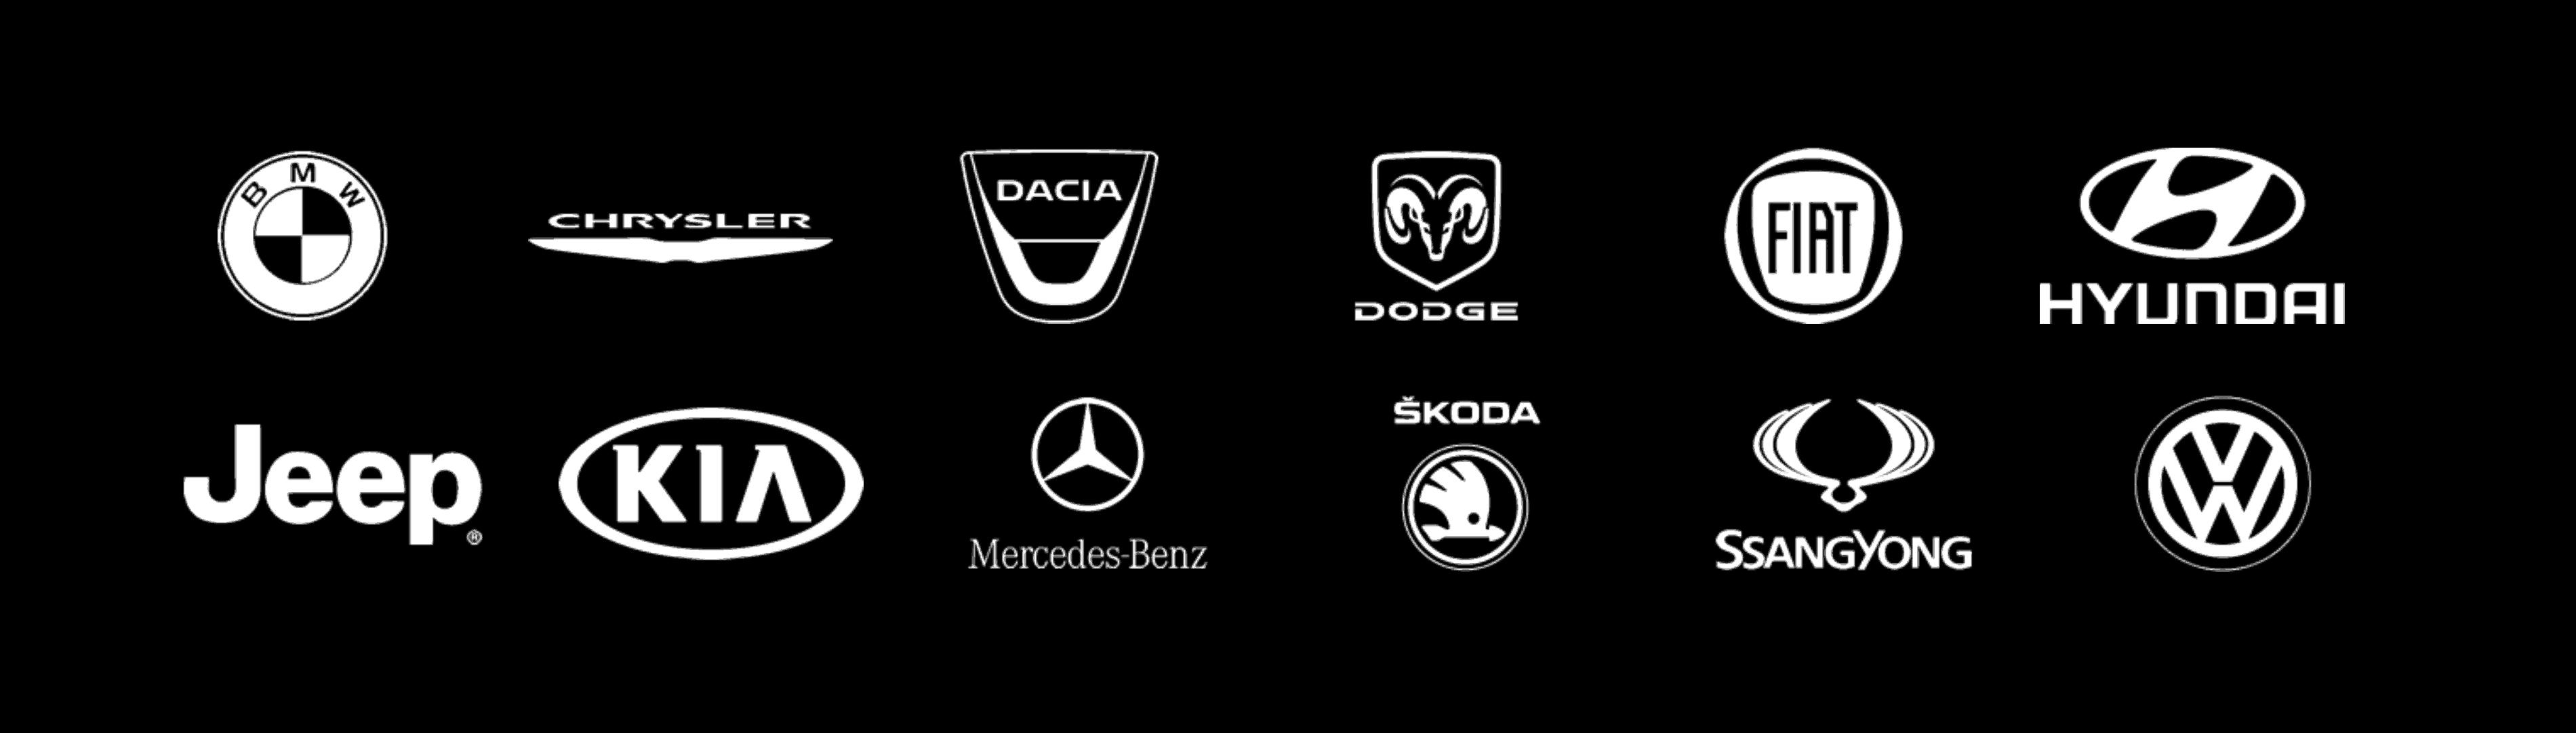 autonvalmistajien logoja kuten jeep, fiat, hyundai, kia ja bmw